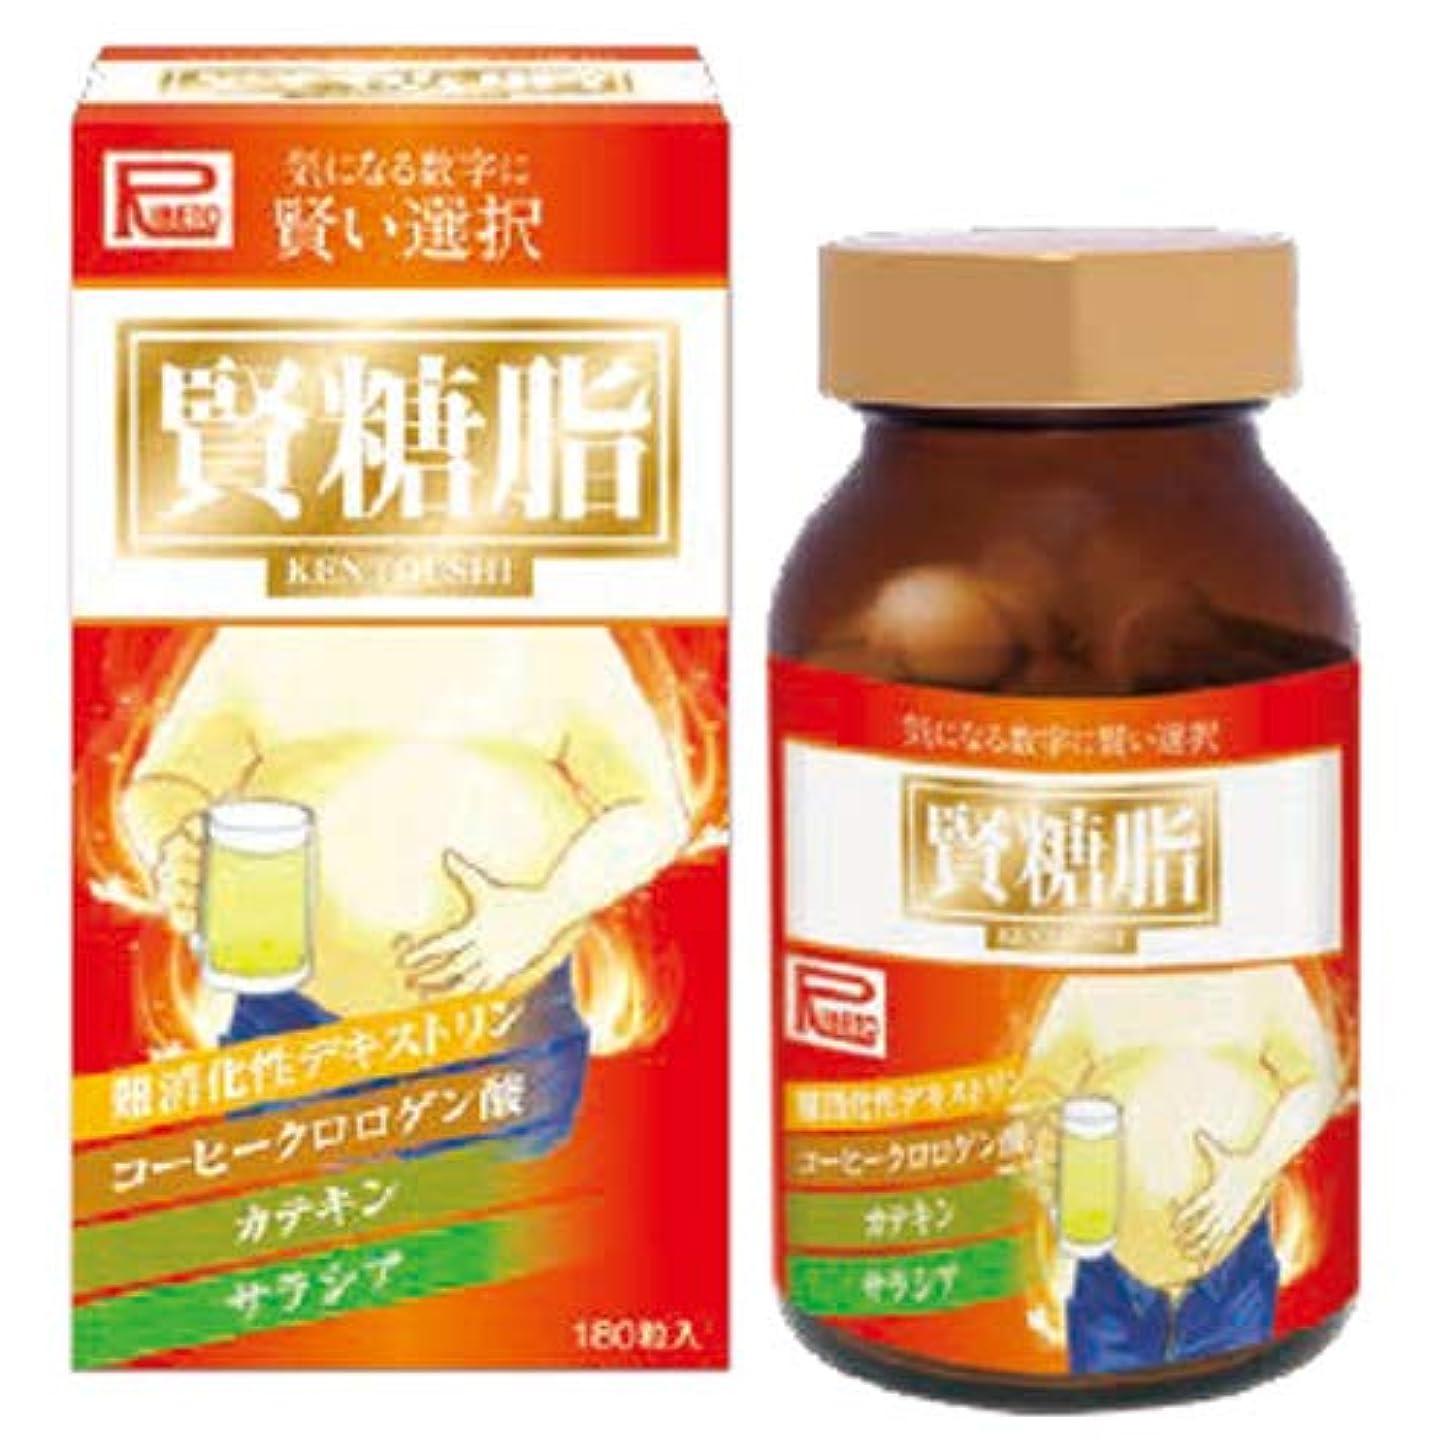 合成パフアプト賢糖脂(ケントウシ)